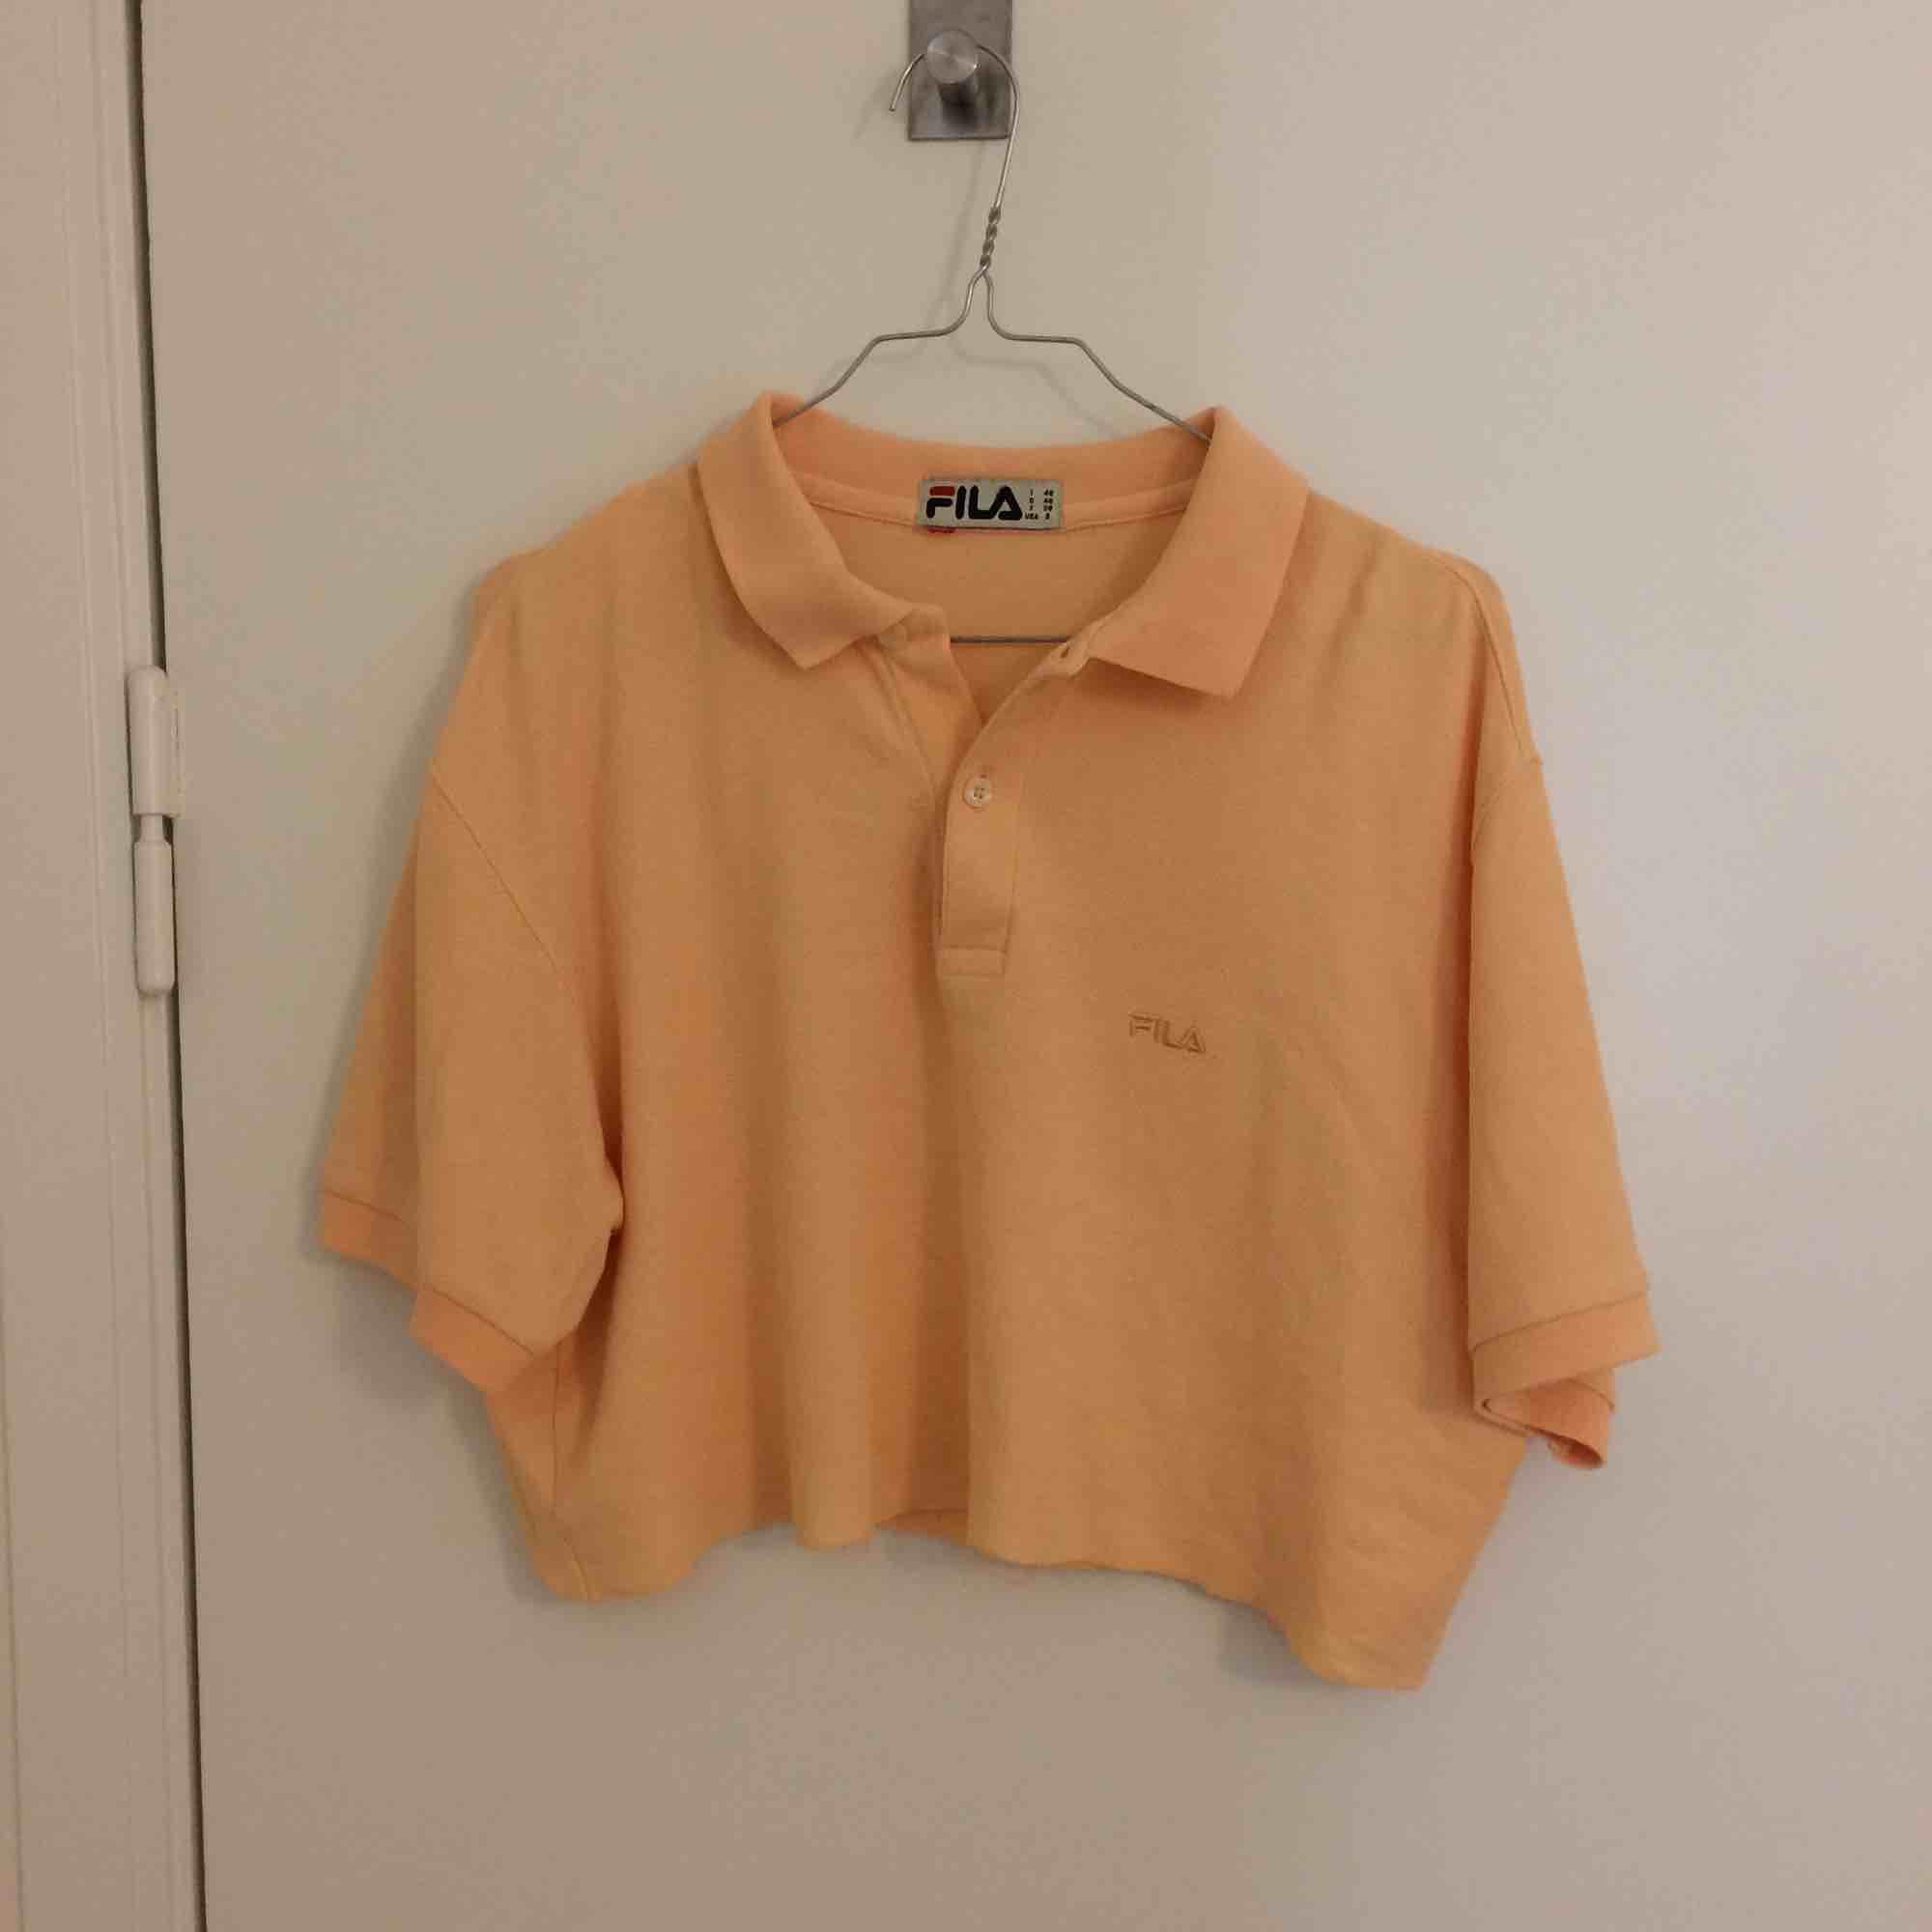 Superfin aprikosfärgad fila tröja köpt i second-hand butik. Tröjan är rätt kort. Älskar verkligen färgen! Frakt tillkommer.. Toppar.